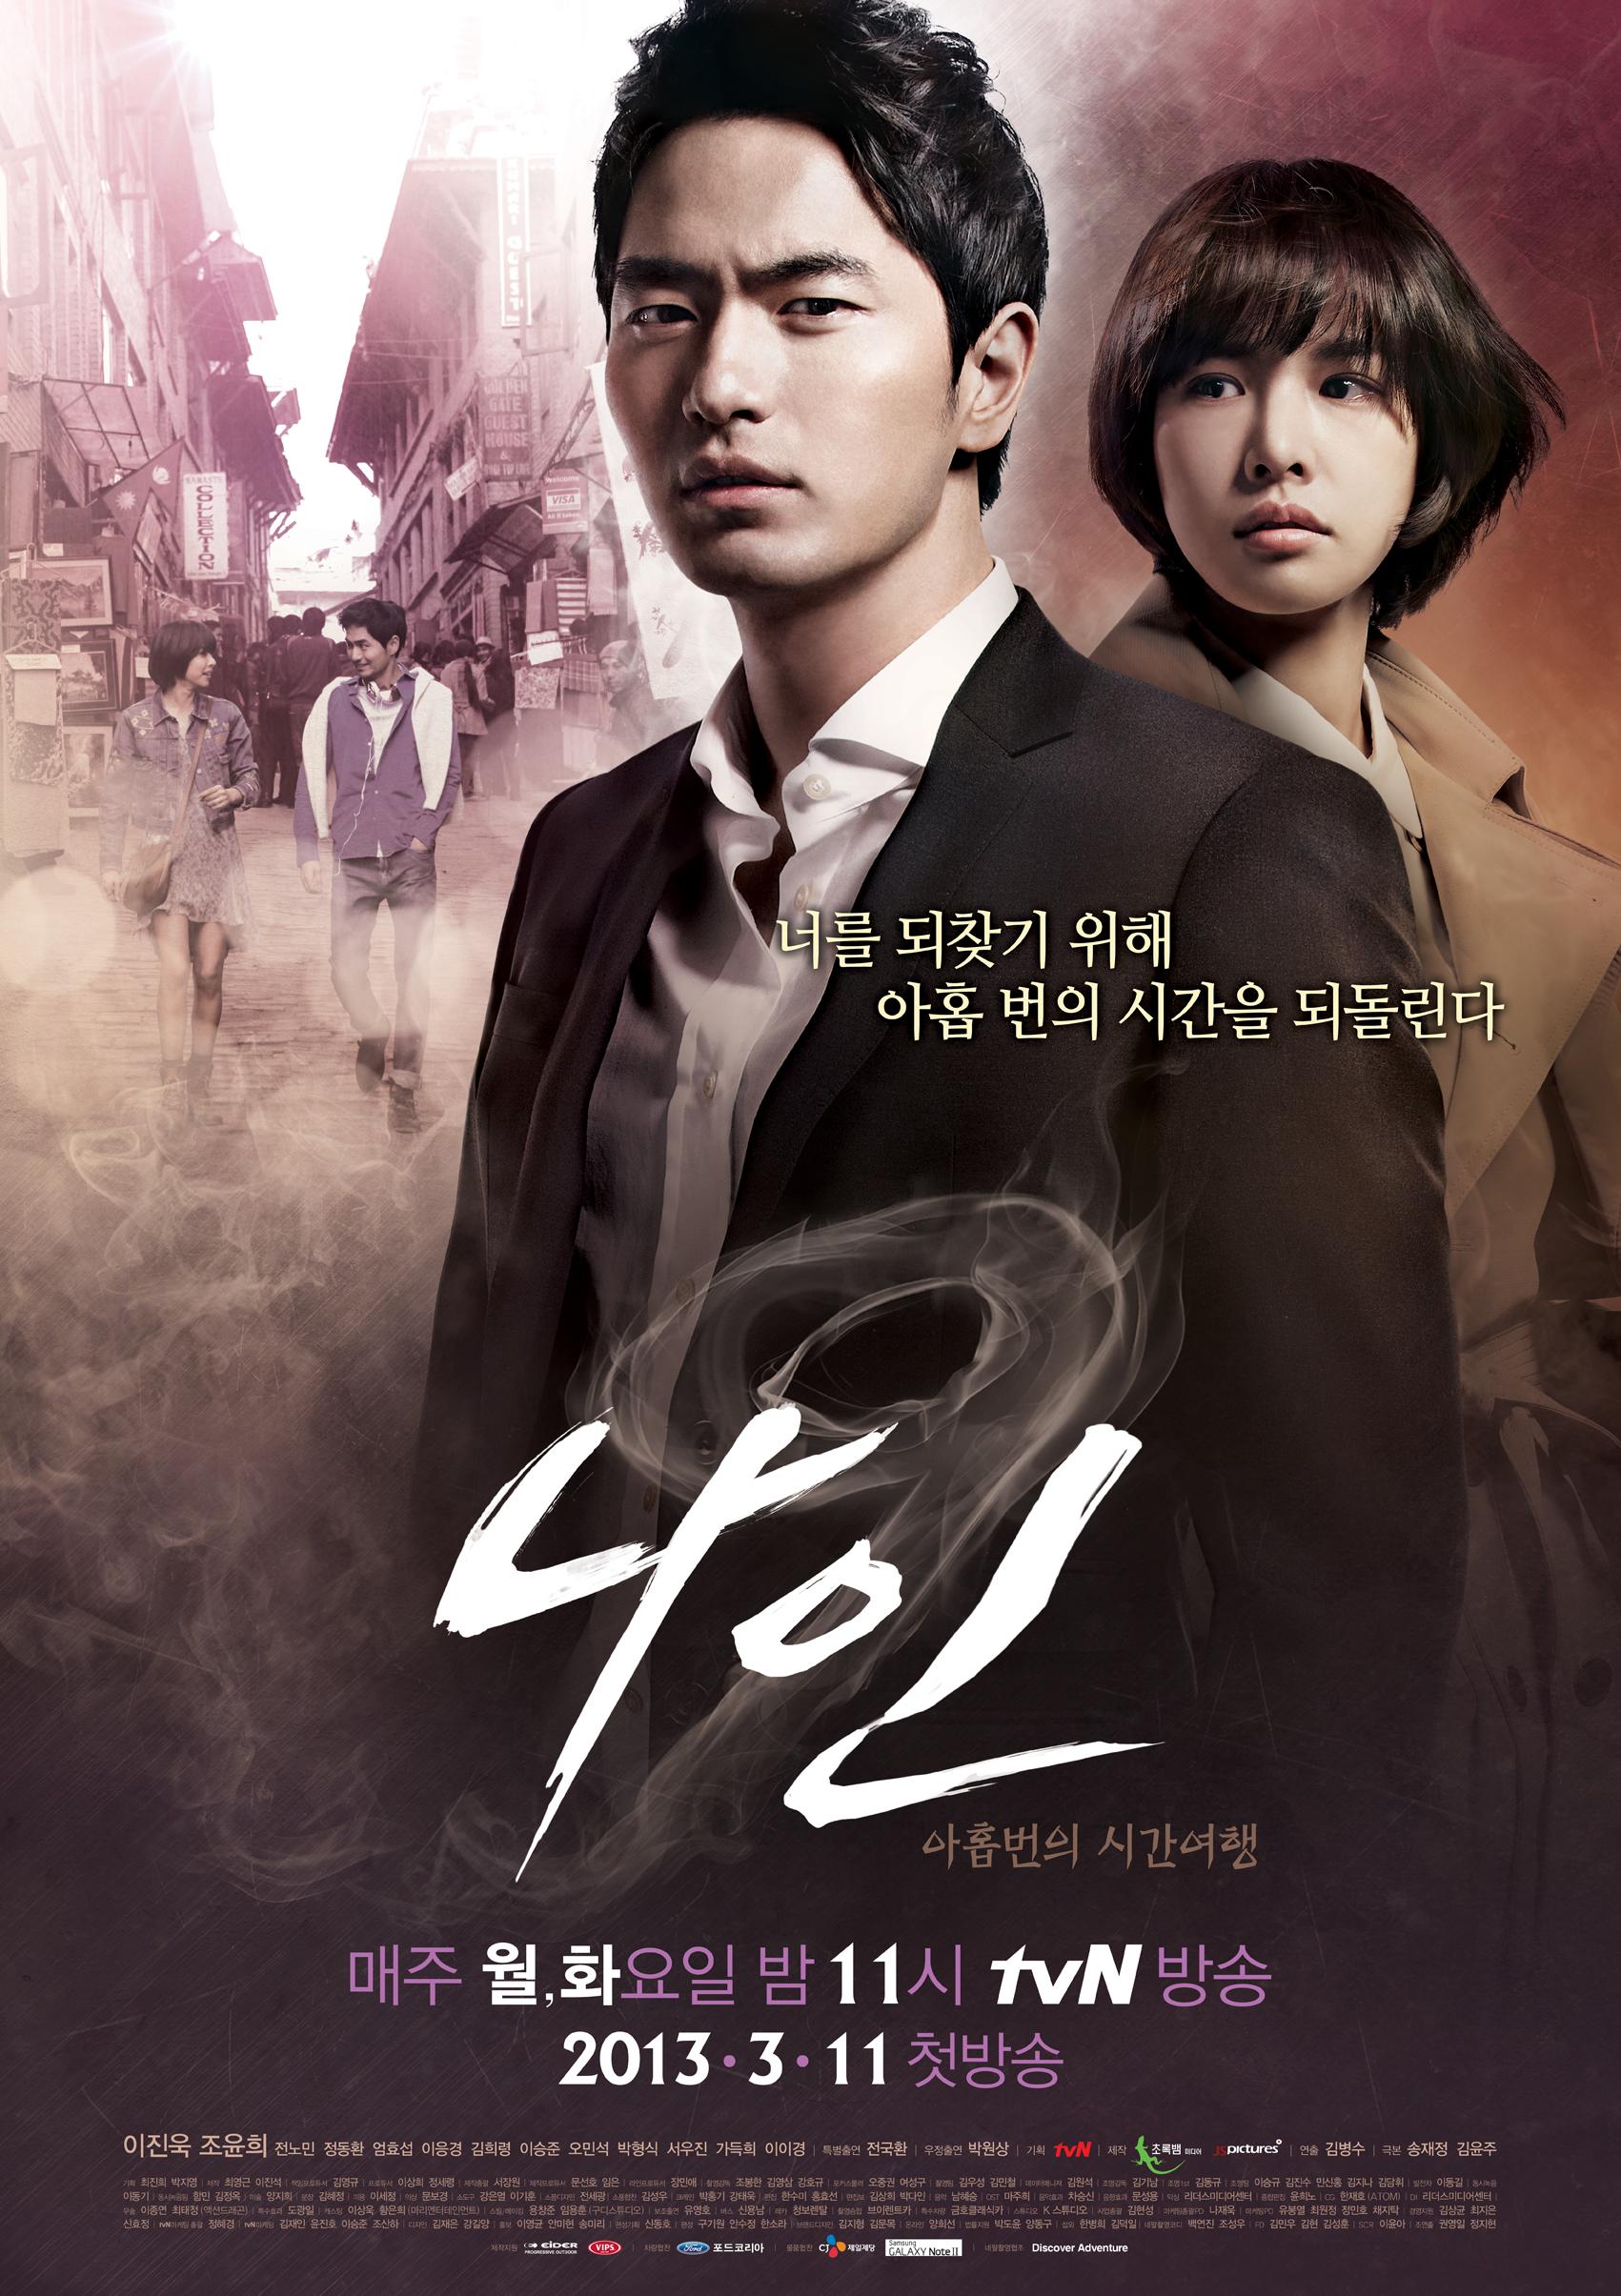 [韓劇] 나인: 아홉 번의 시간여행 (九回時間旅行) (2013) INNGP1ZOXS9HEUADHOB1